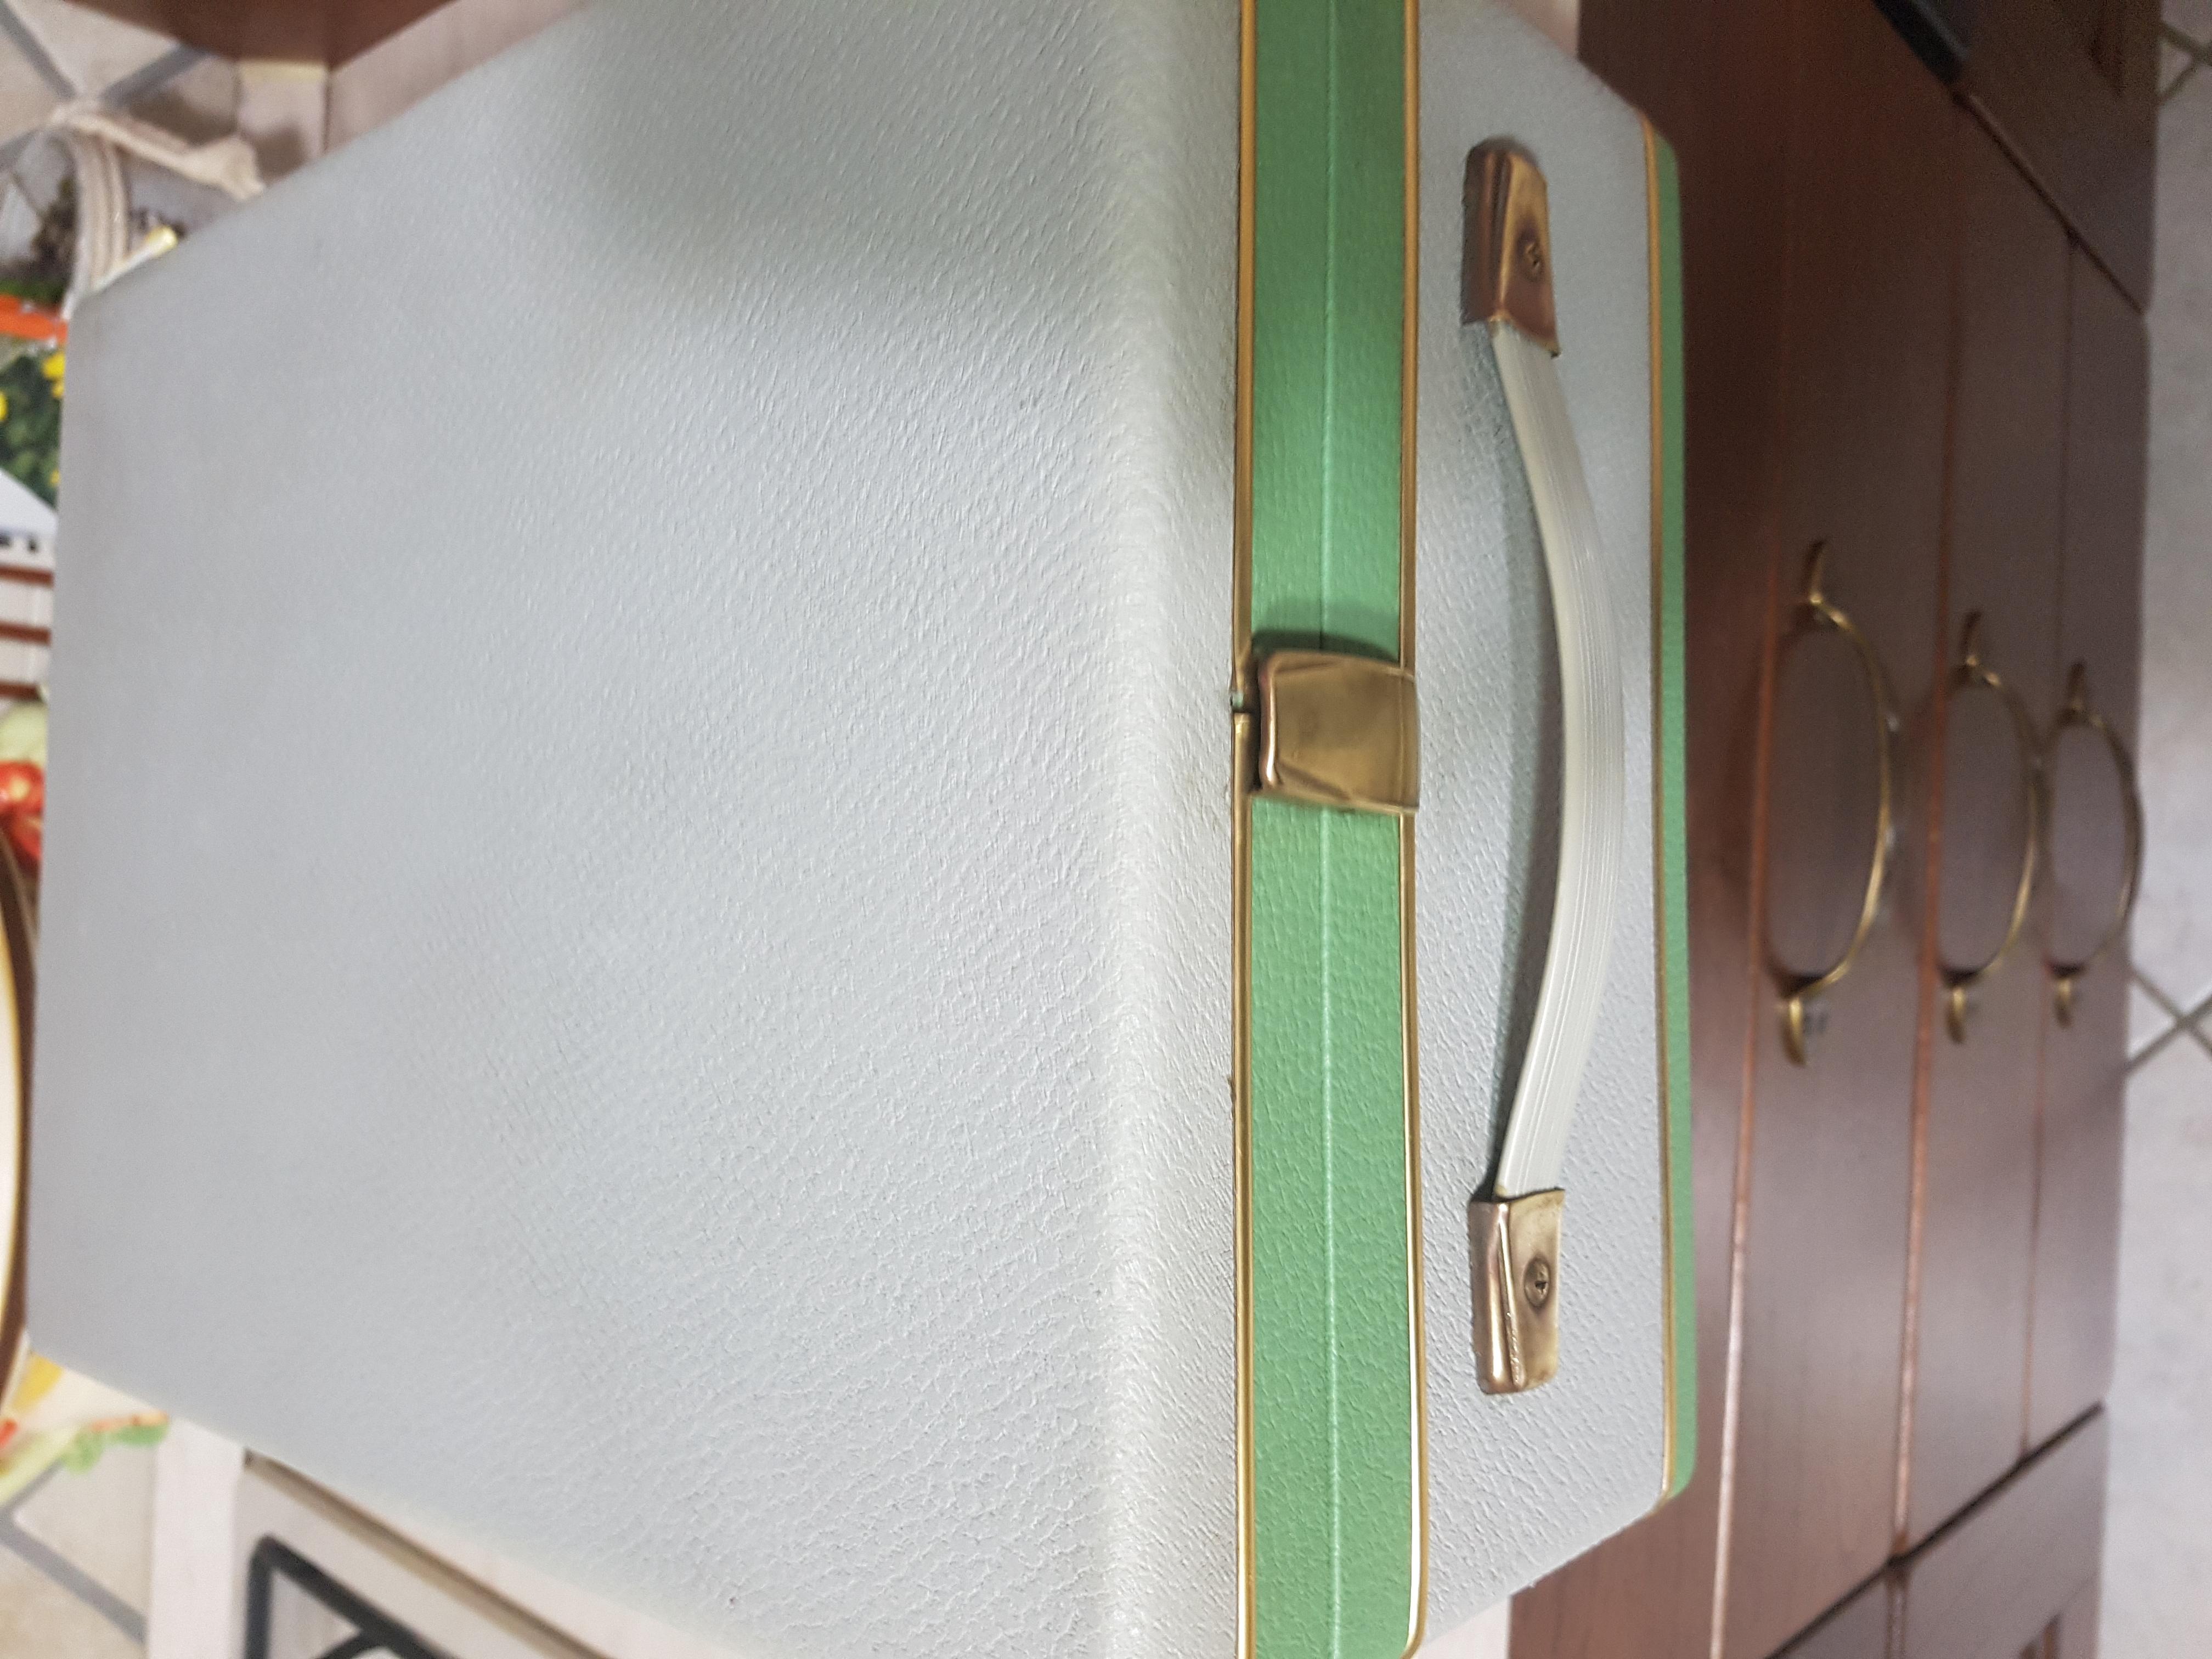 Magnetofono a valvole del 1948